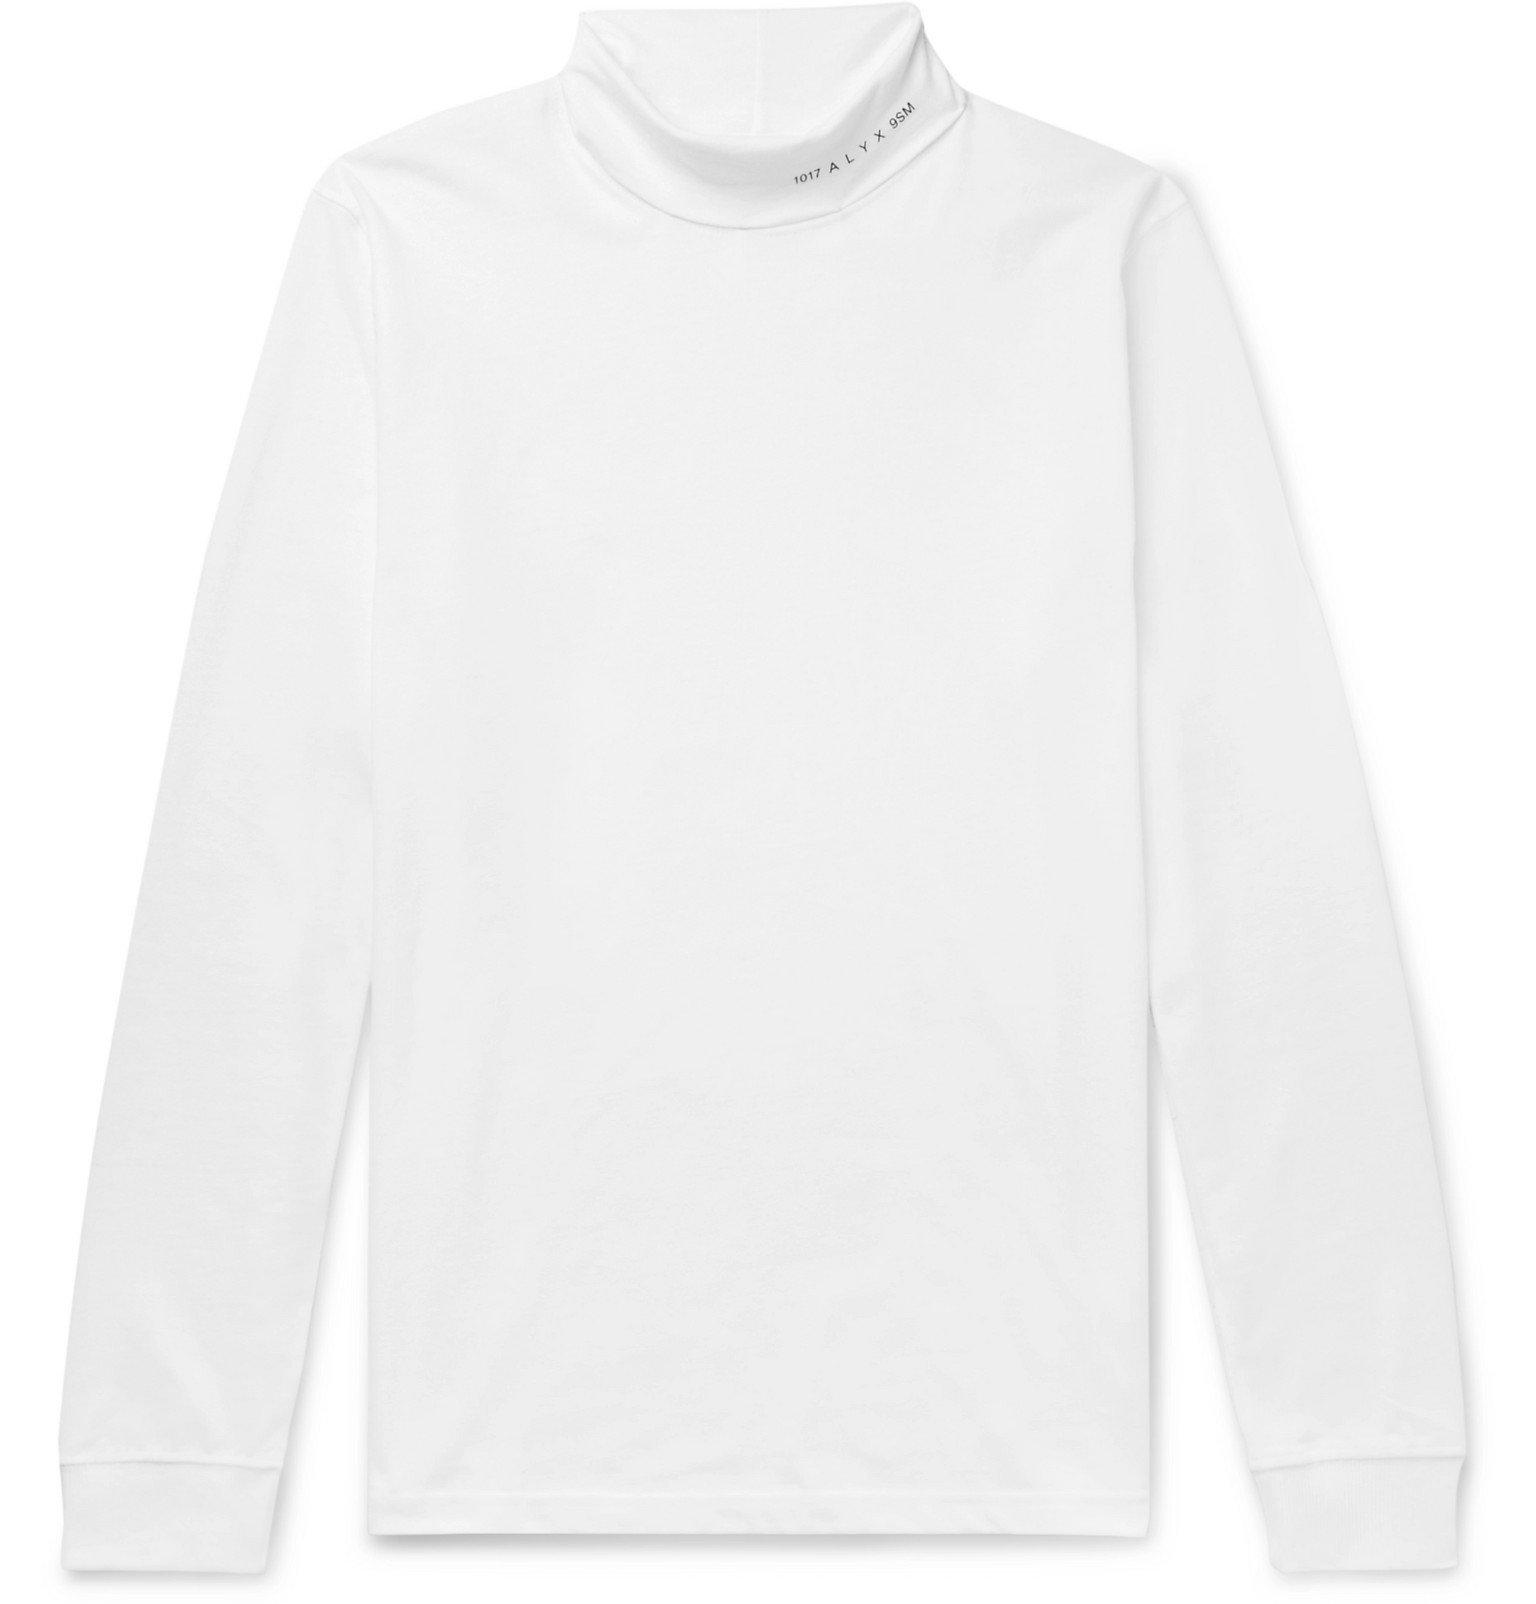 Photo: 1017 ALYX 9SM - Logo-Print Cotton-Blend Jersey Rollneck T-Shirt - White